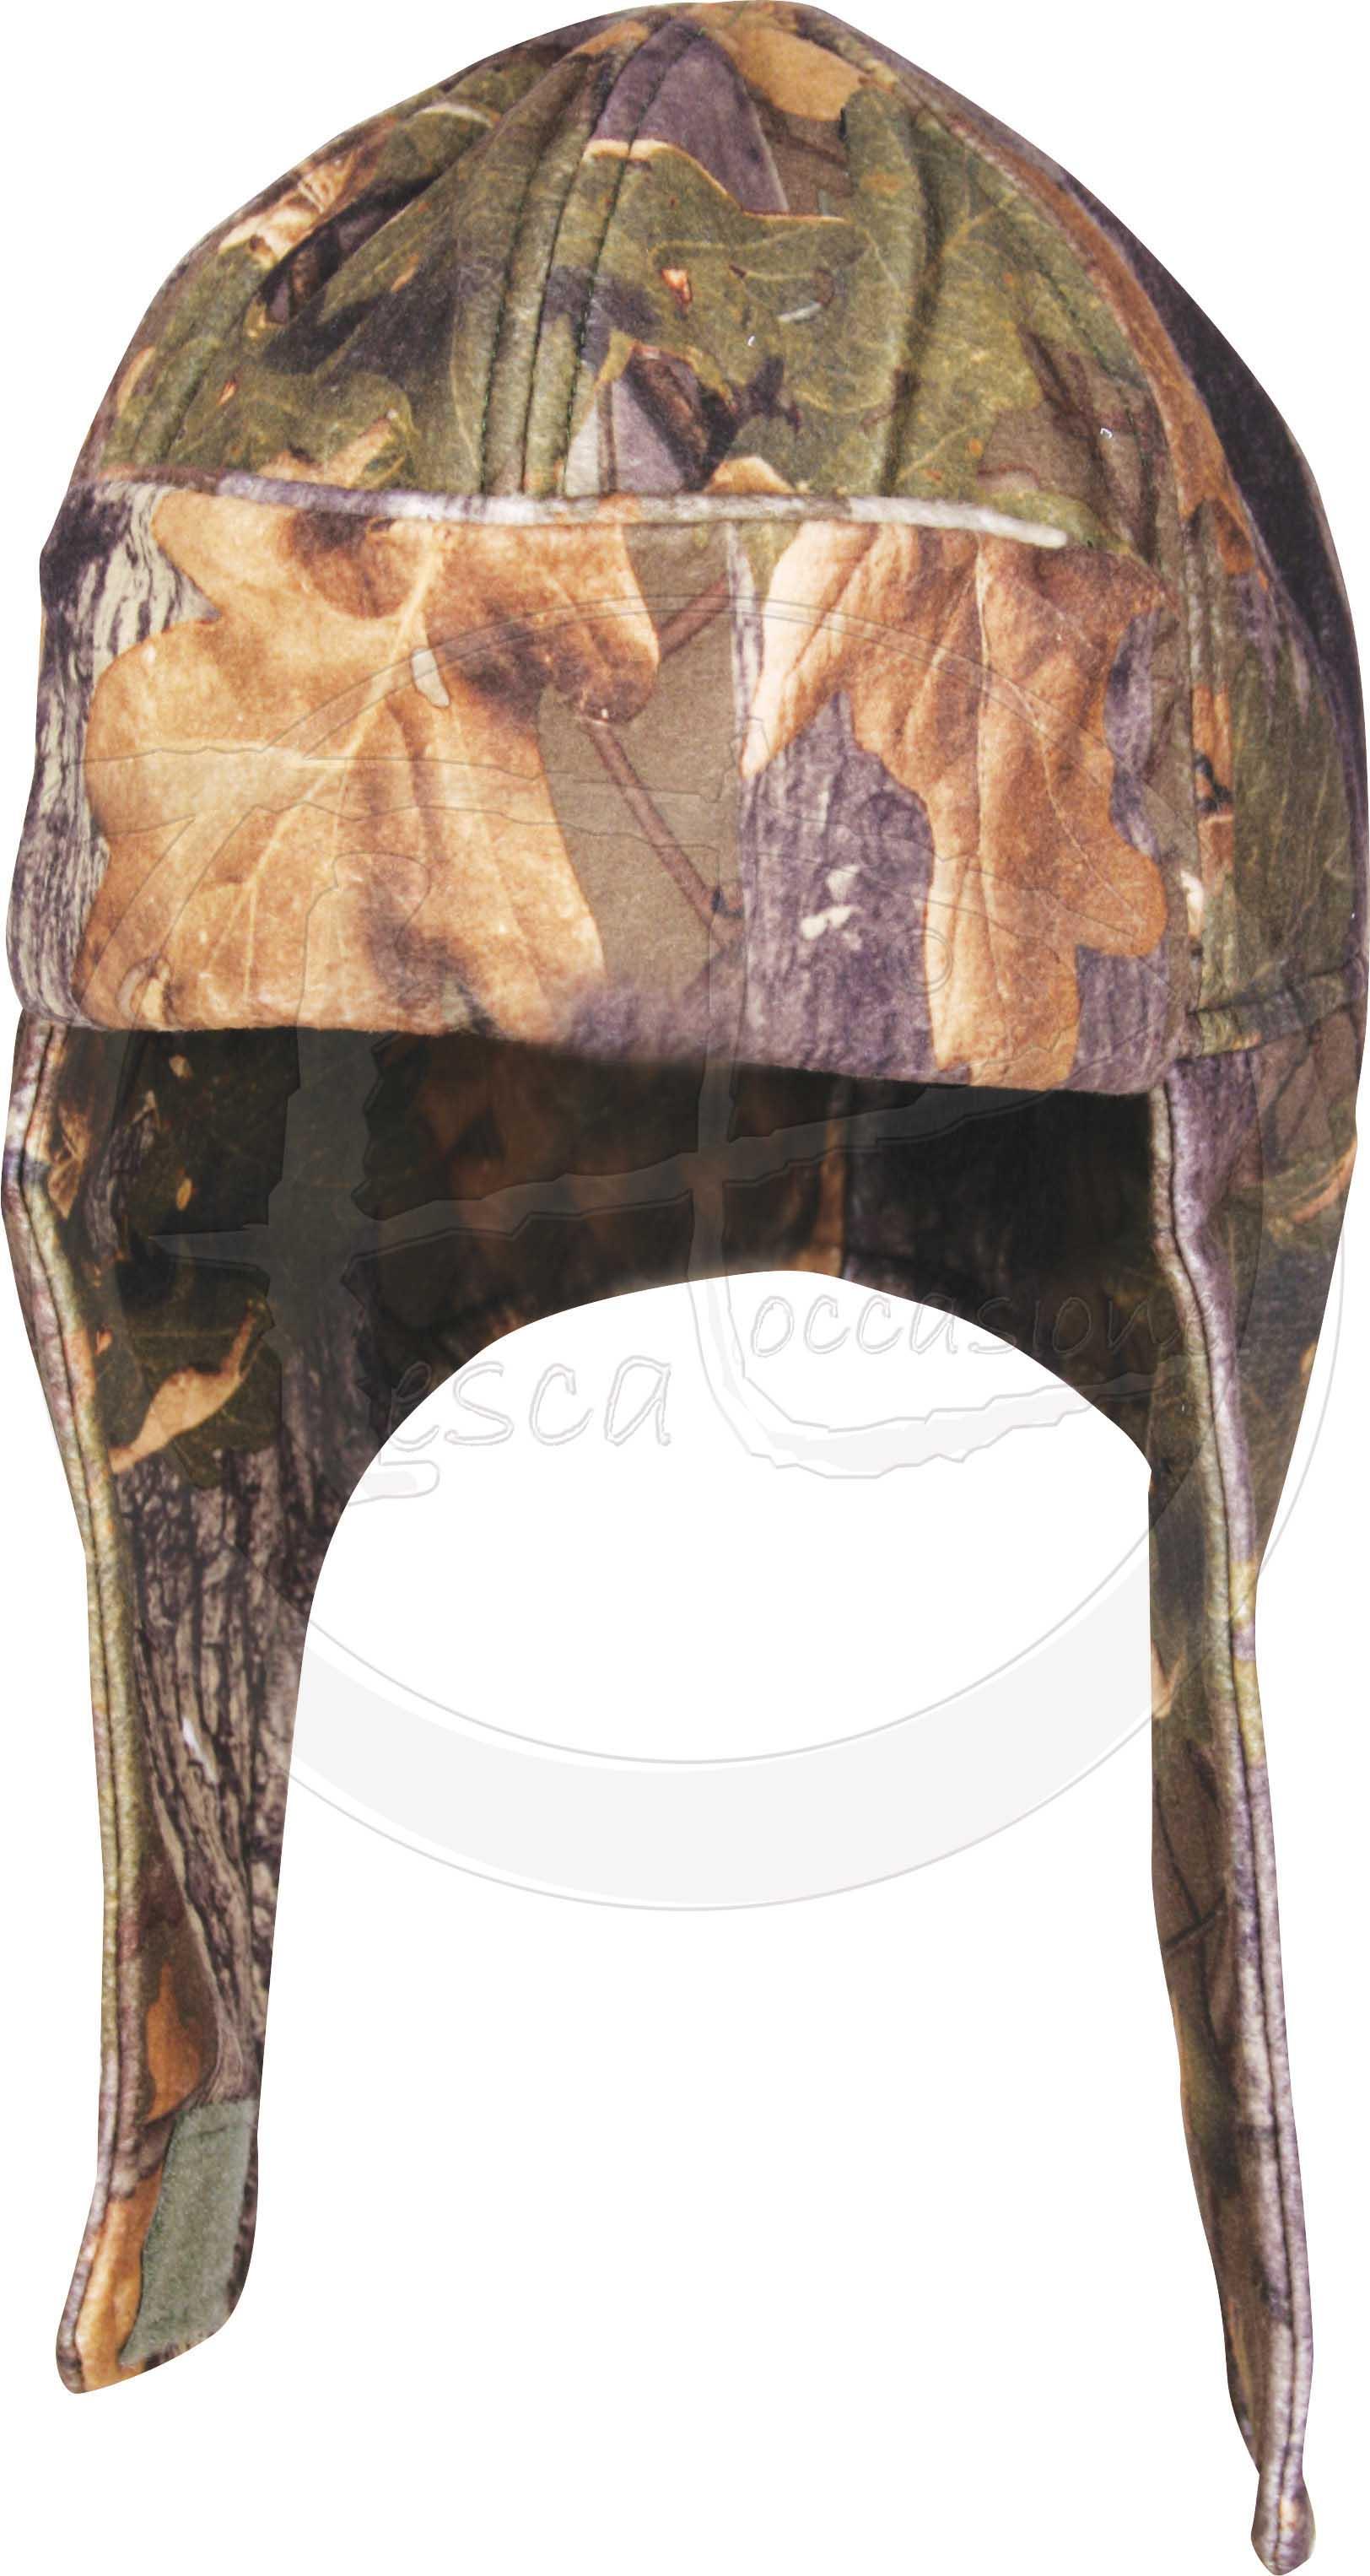 cappello mimetico camou con orecchie da caccia pesca outdoor sport. Cappello  camo con orecchie 87e4c33bf8e6